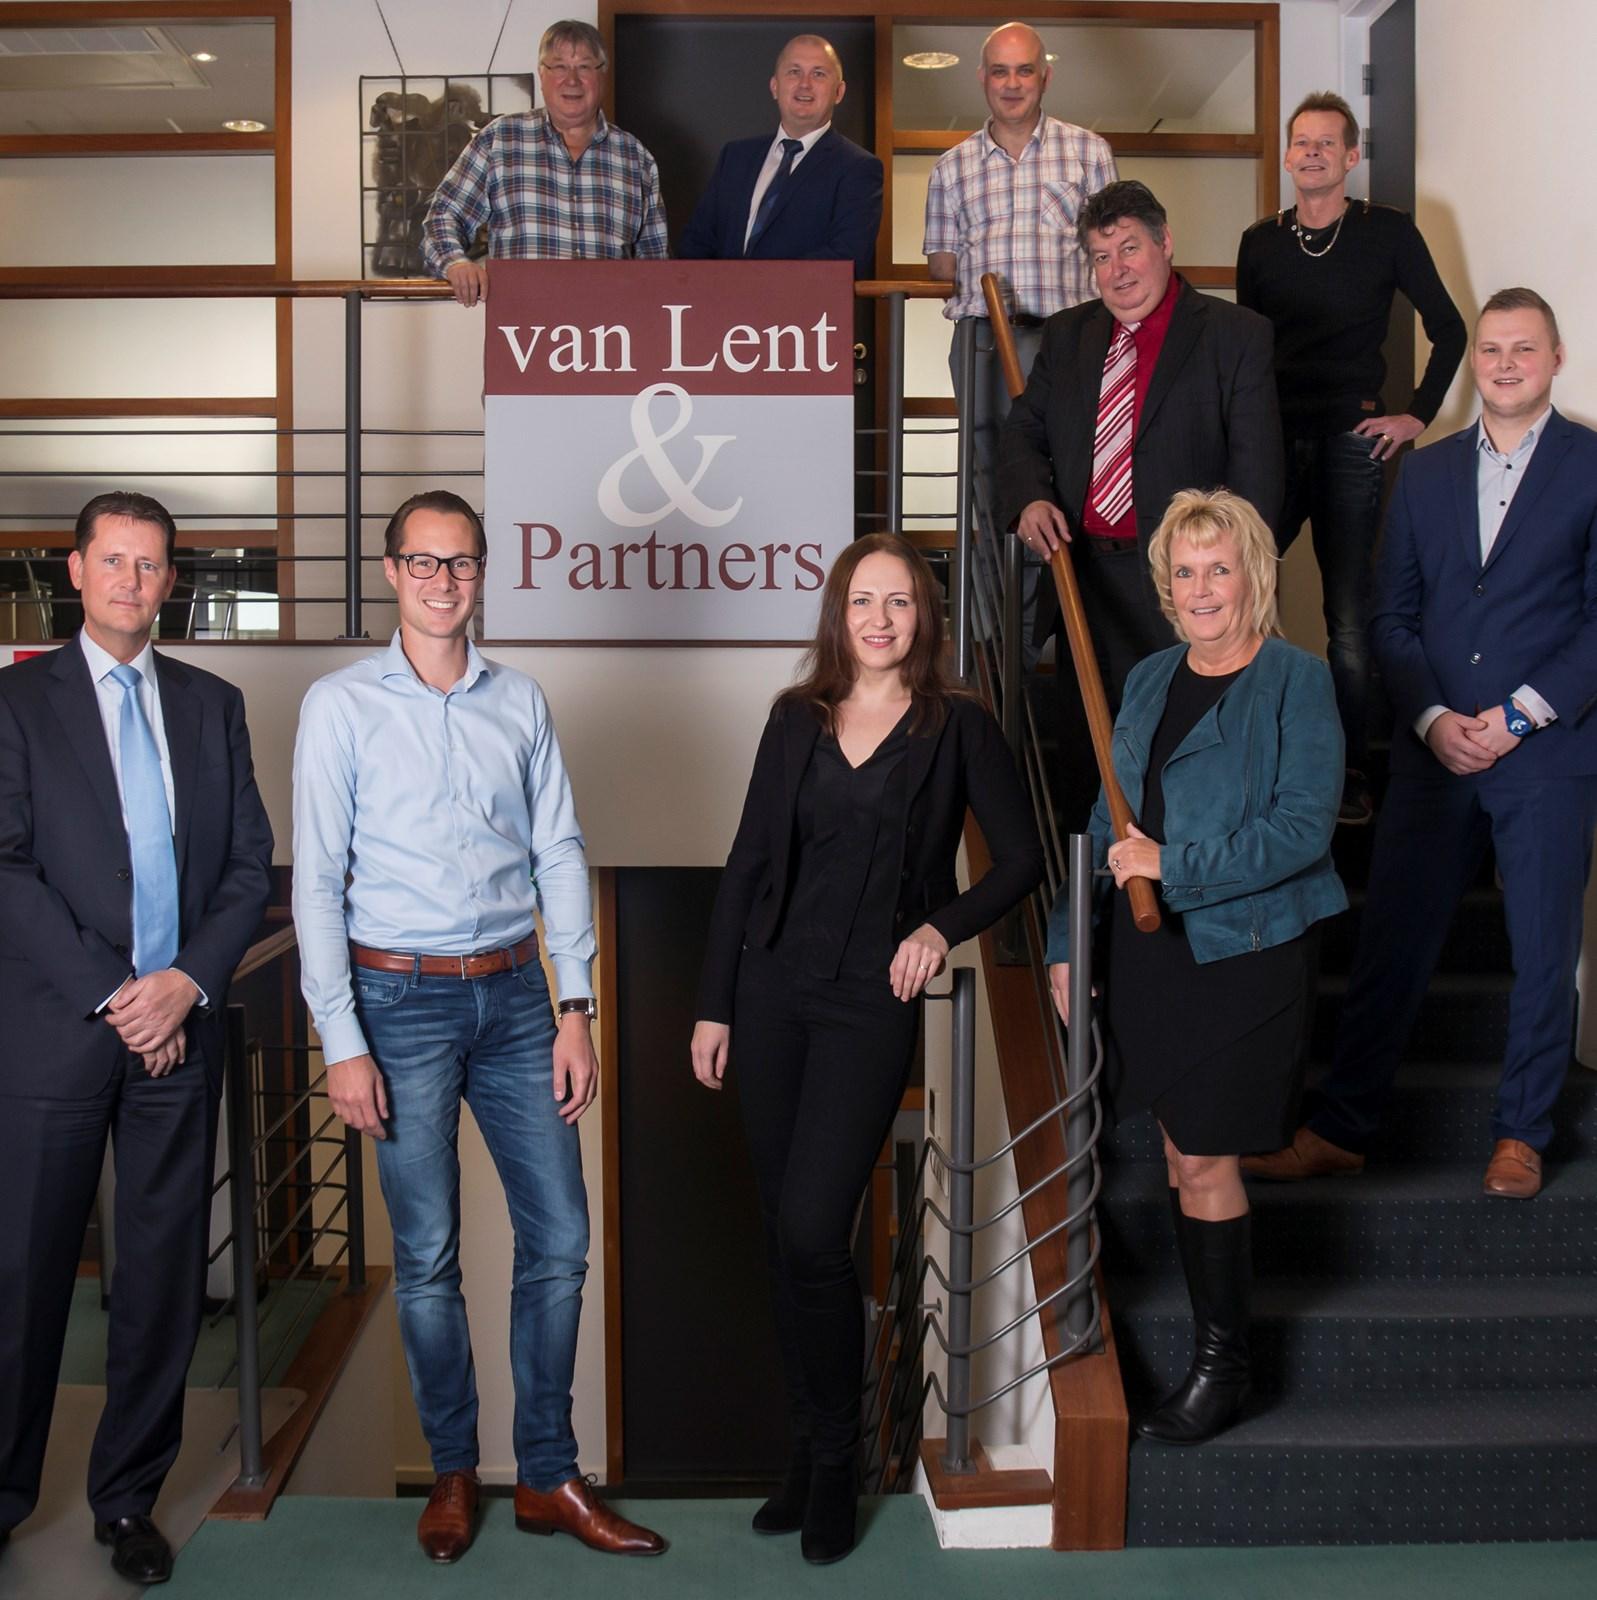 Foto van Van Lent & Partners